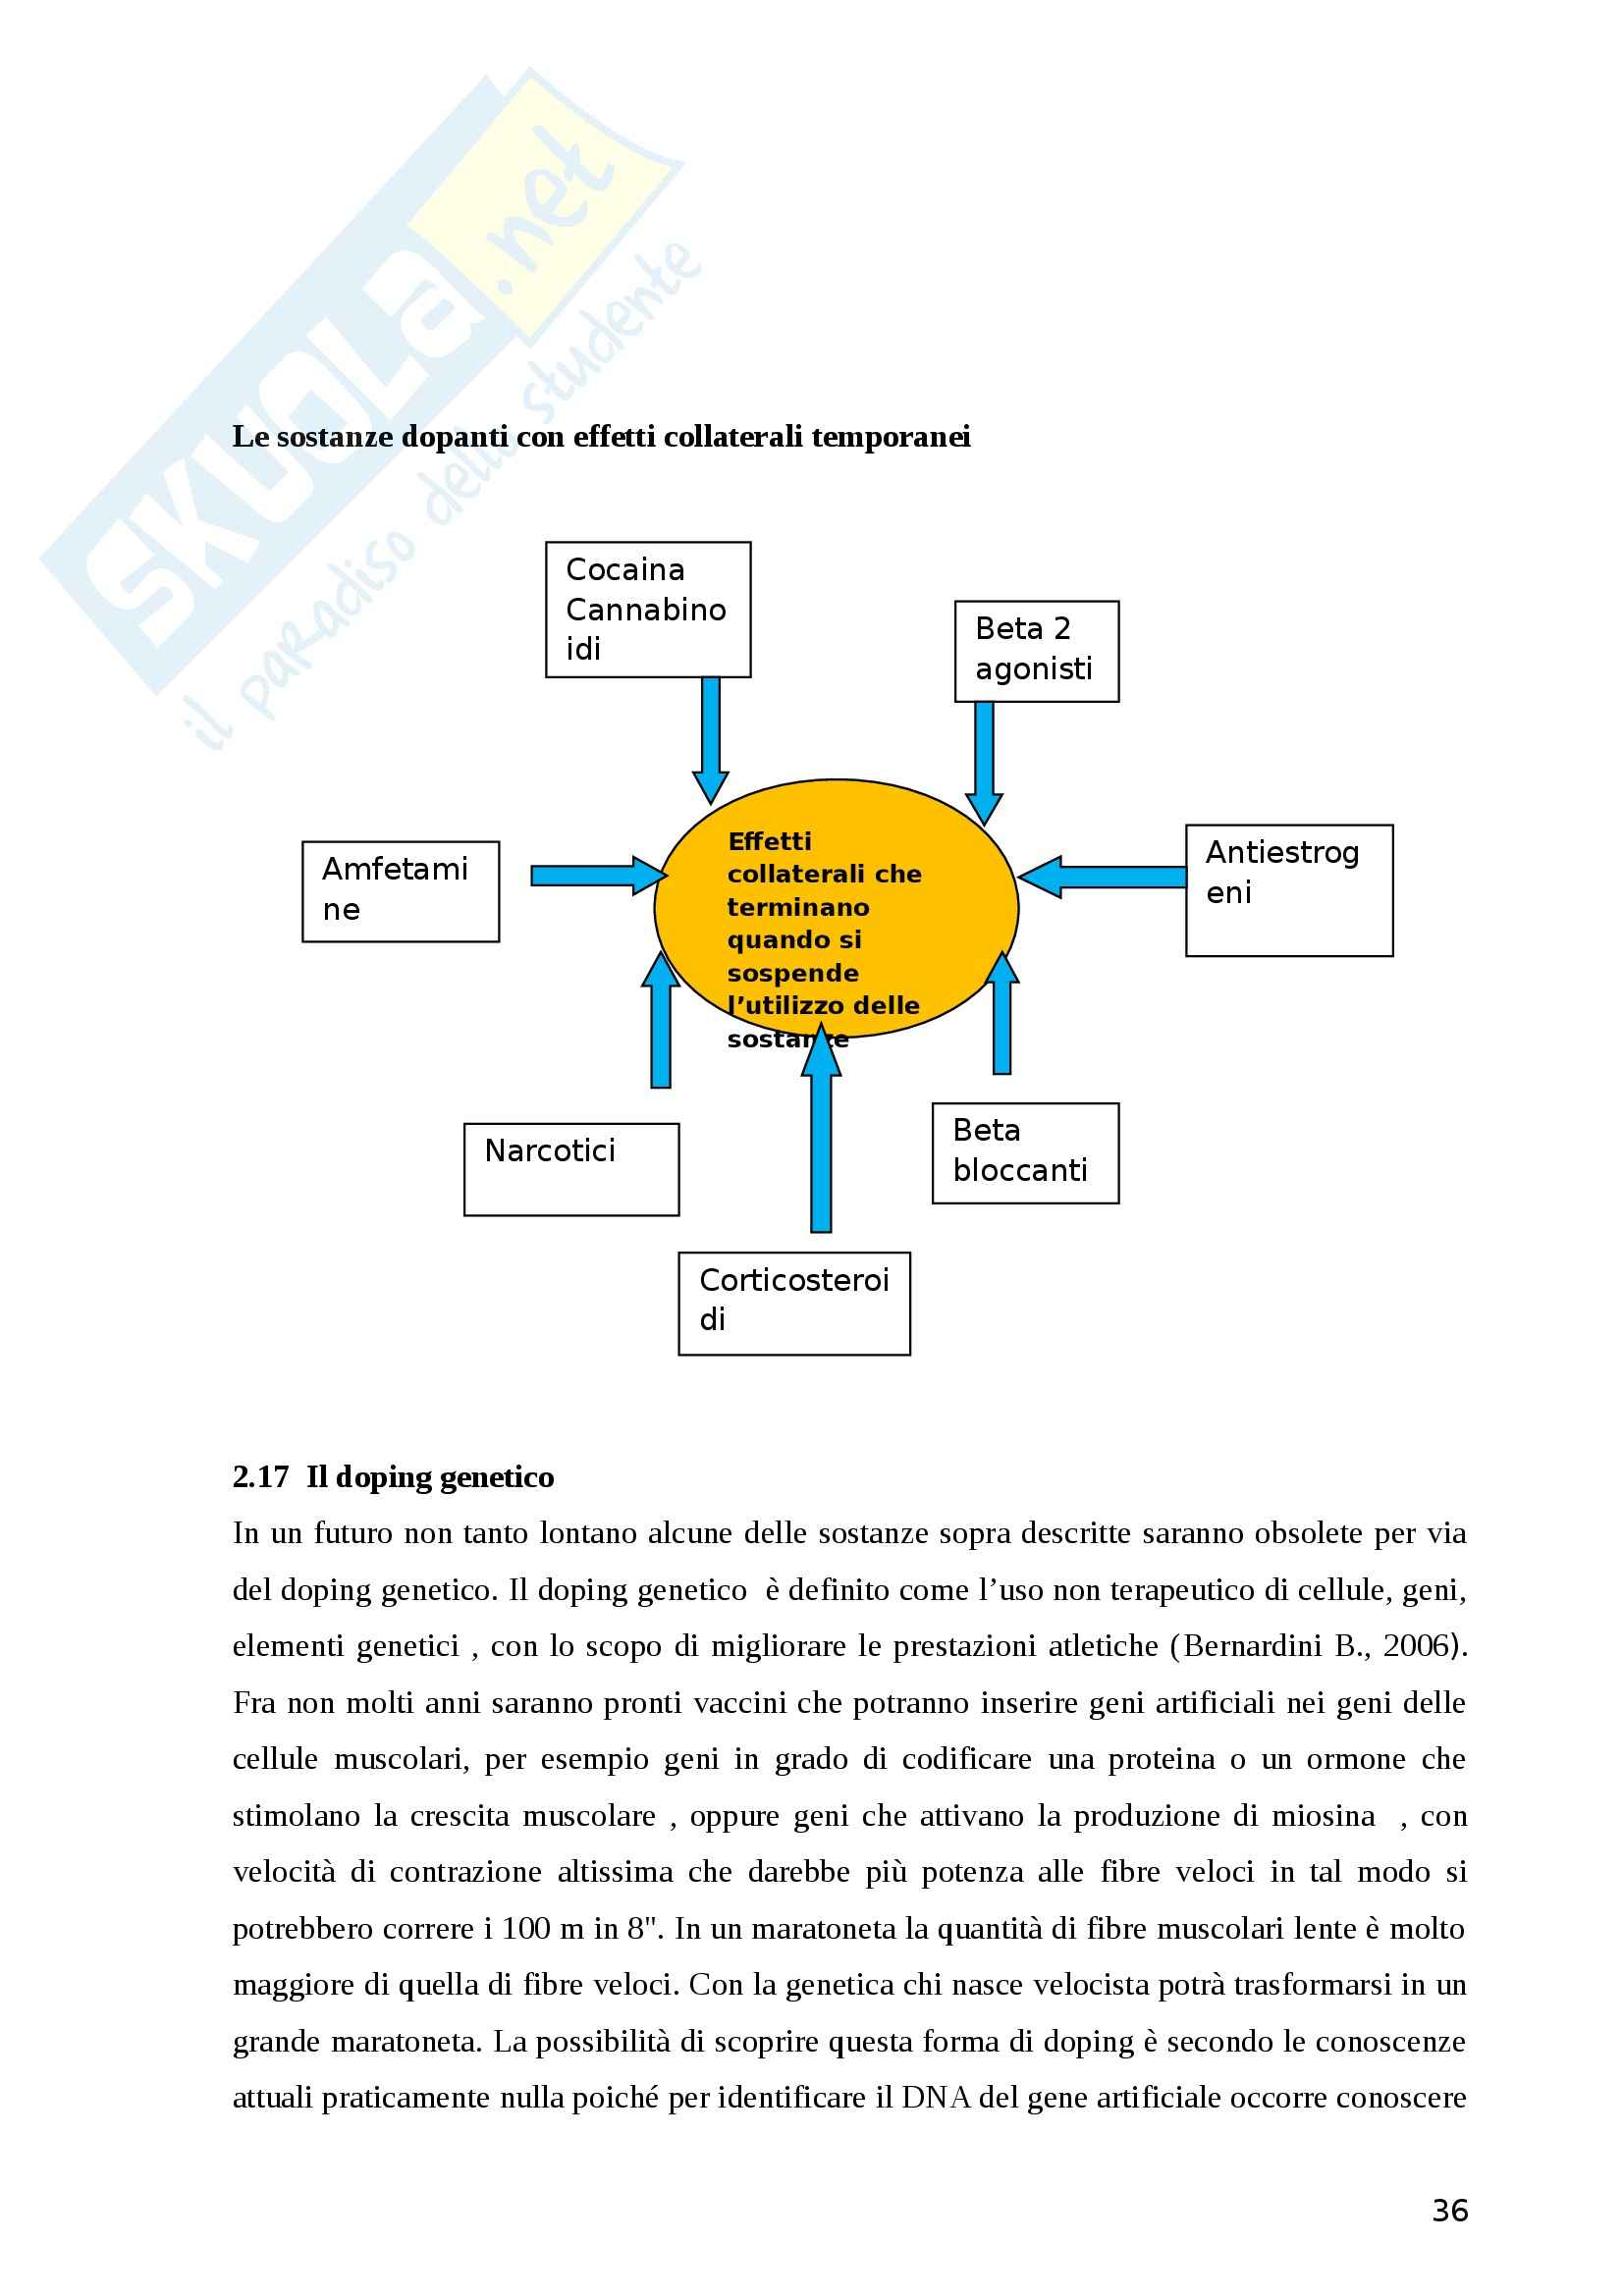 Tesi - Il doping: illusione del podio, analisi dei canali comunicativi efficaci Pag. 36